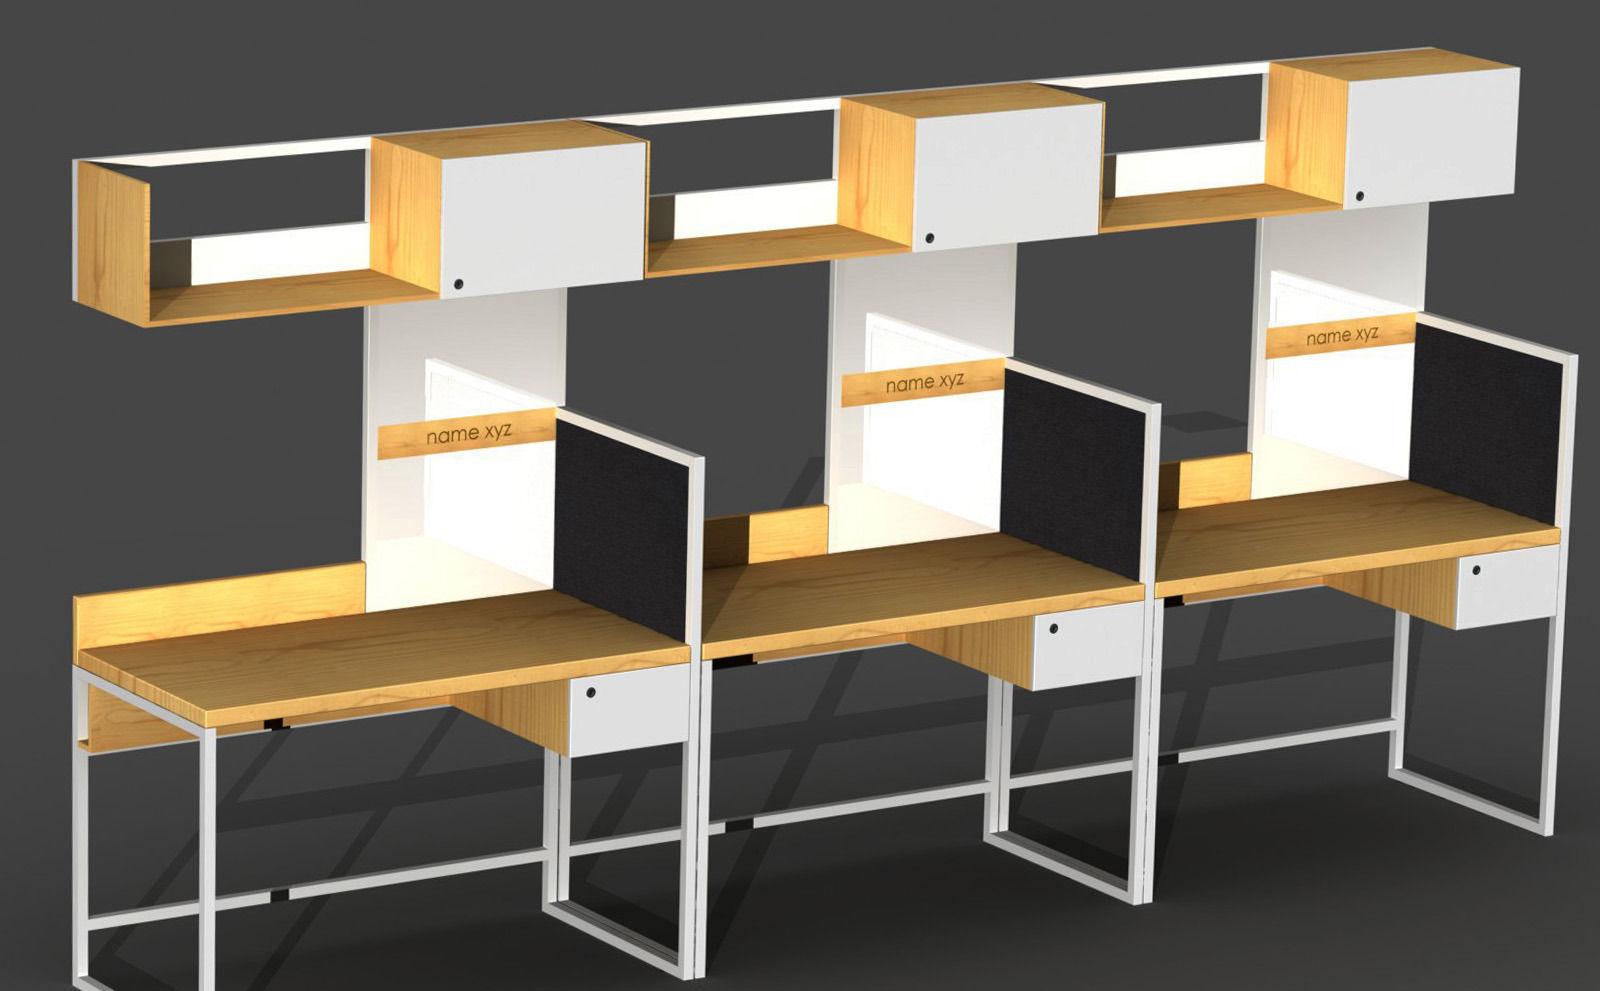 ... Office Workstation Design 3d Model Sldprt Sldasm Slddrw ...